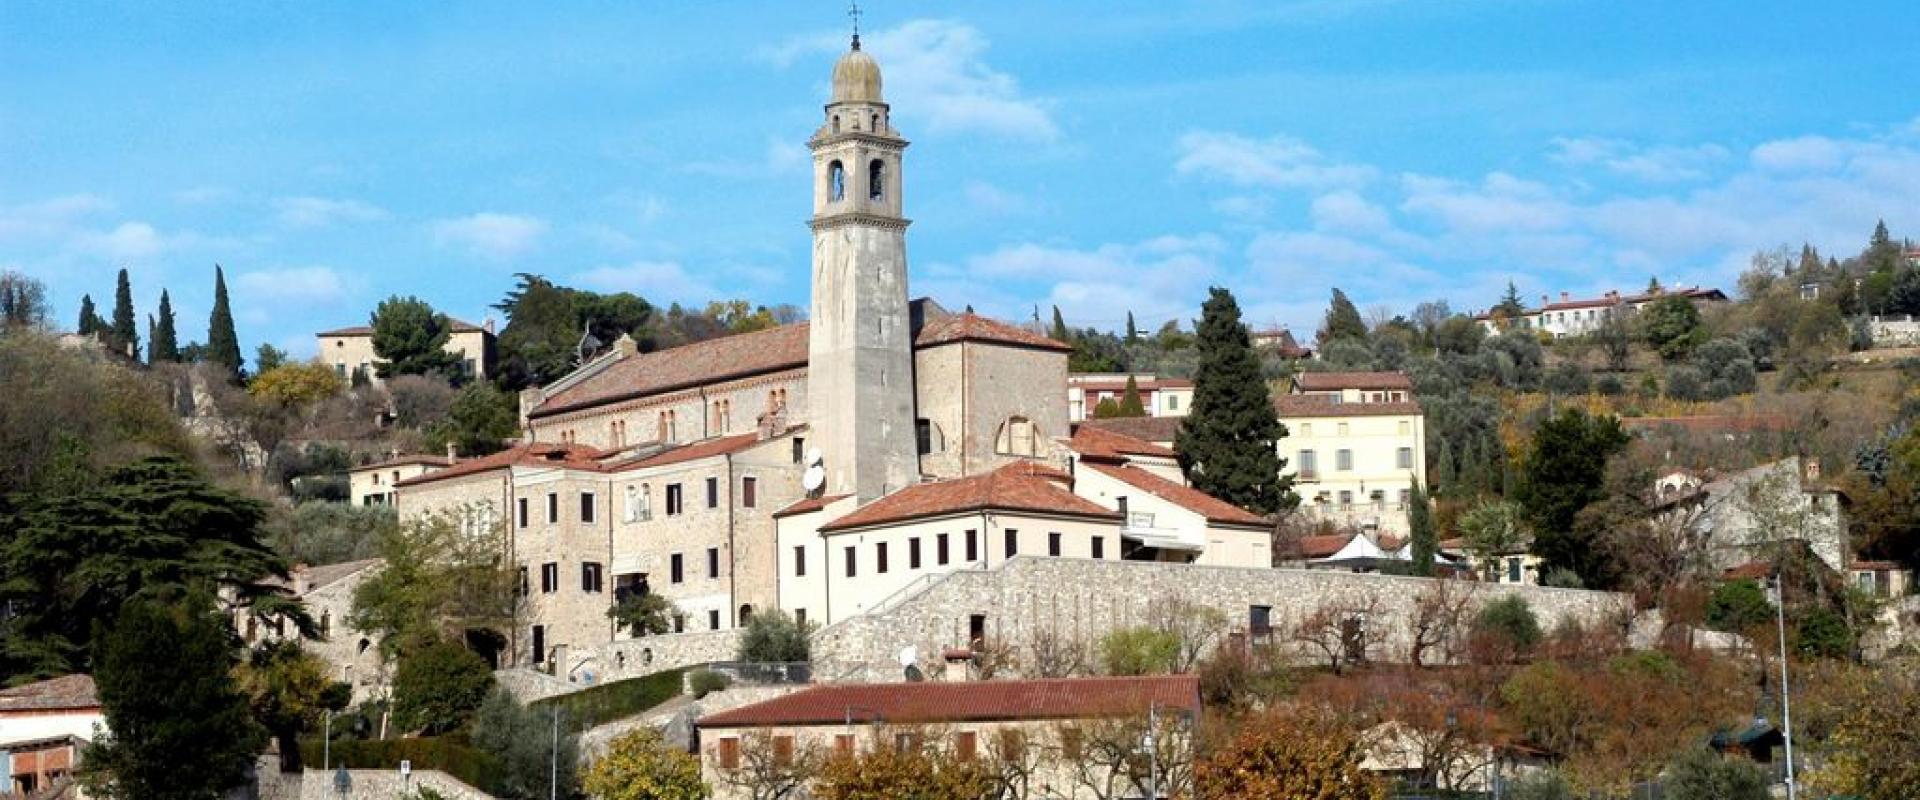 visit of Arquà Petrarca